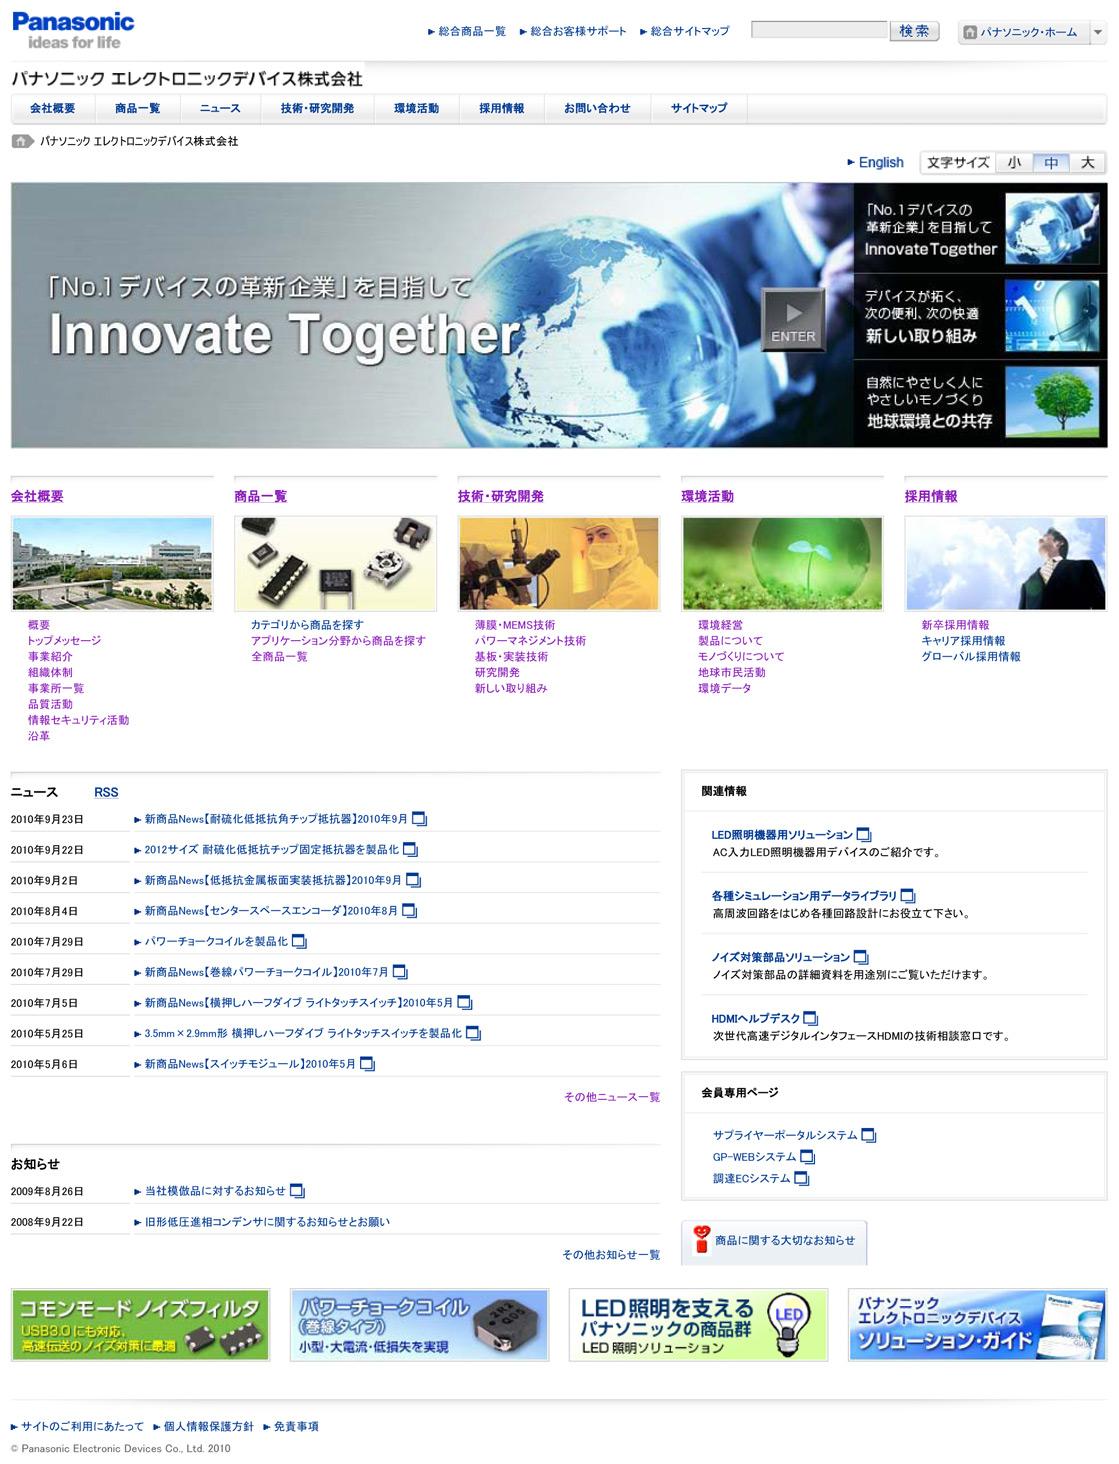 パナソニック エレクトロニックデバイスの企業サイトをリニューアル